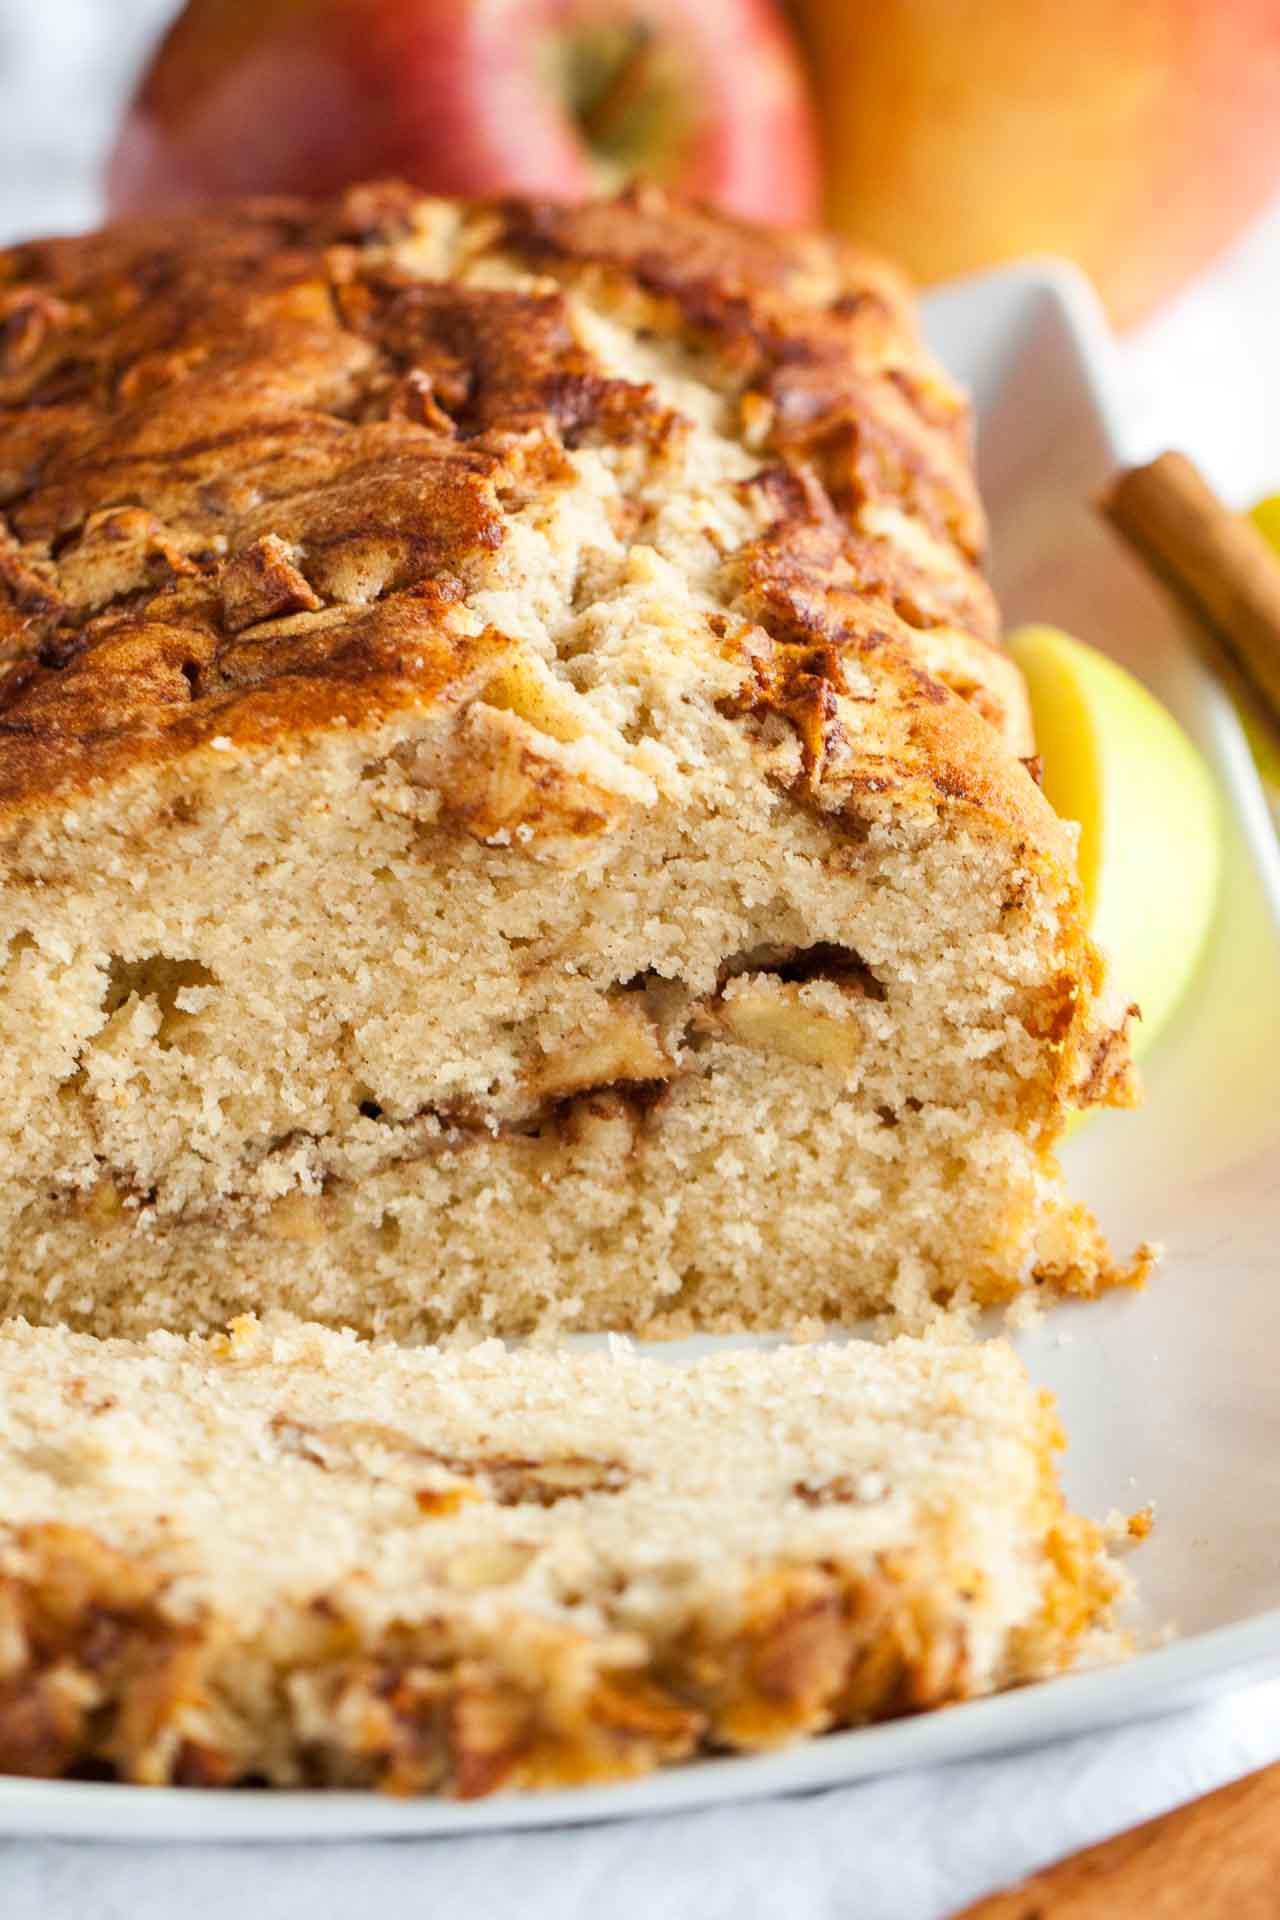 Cinnamon Quick Bread  Apple Cinnamon Bread Recipe An easy fall quick bread recipe